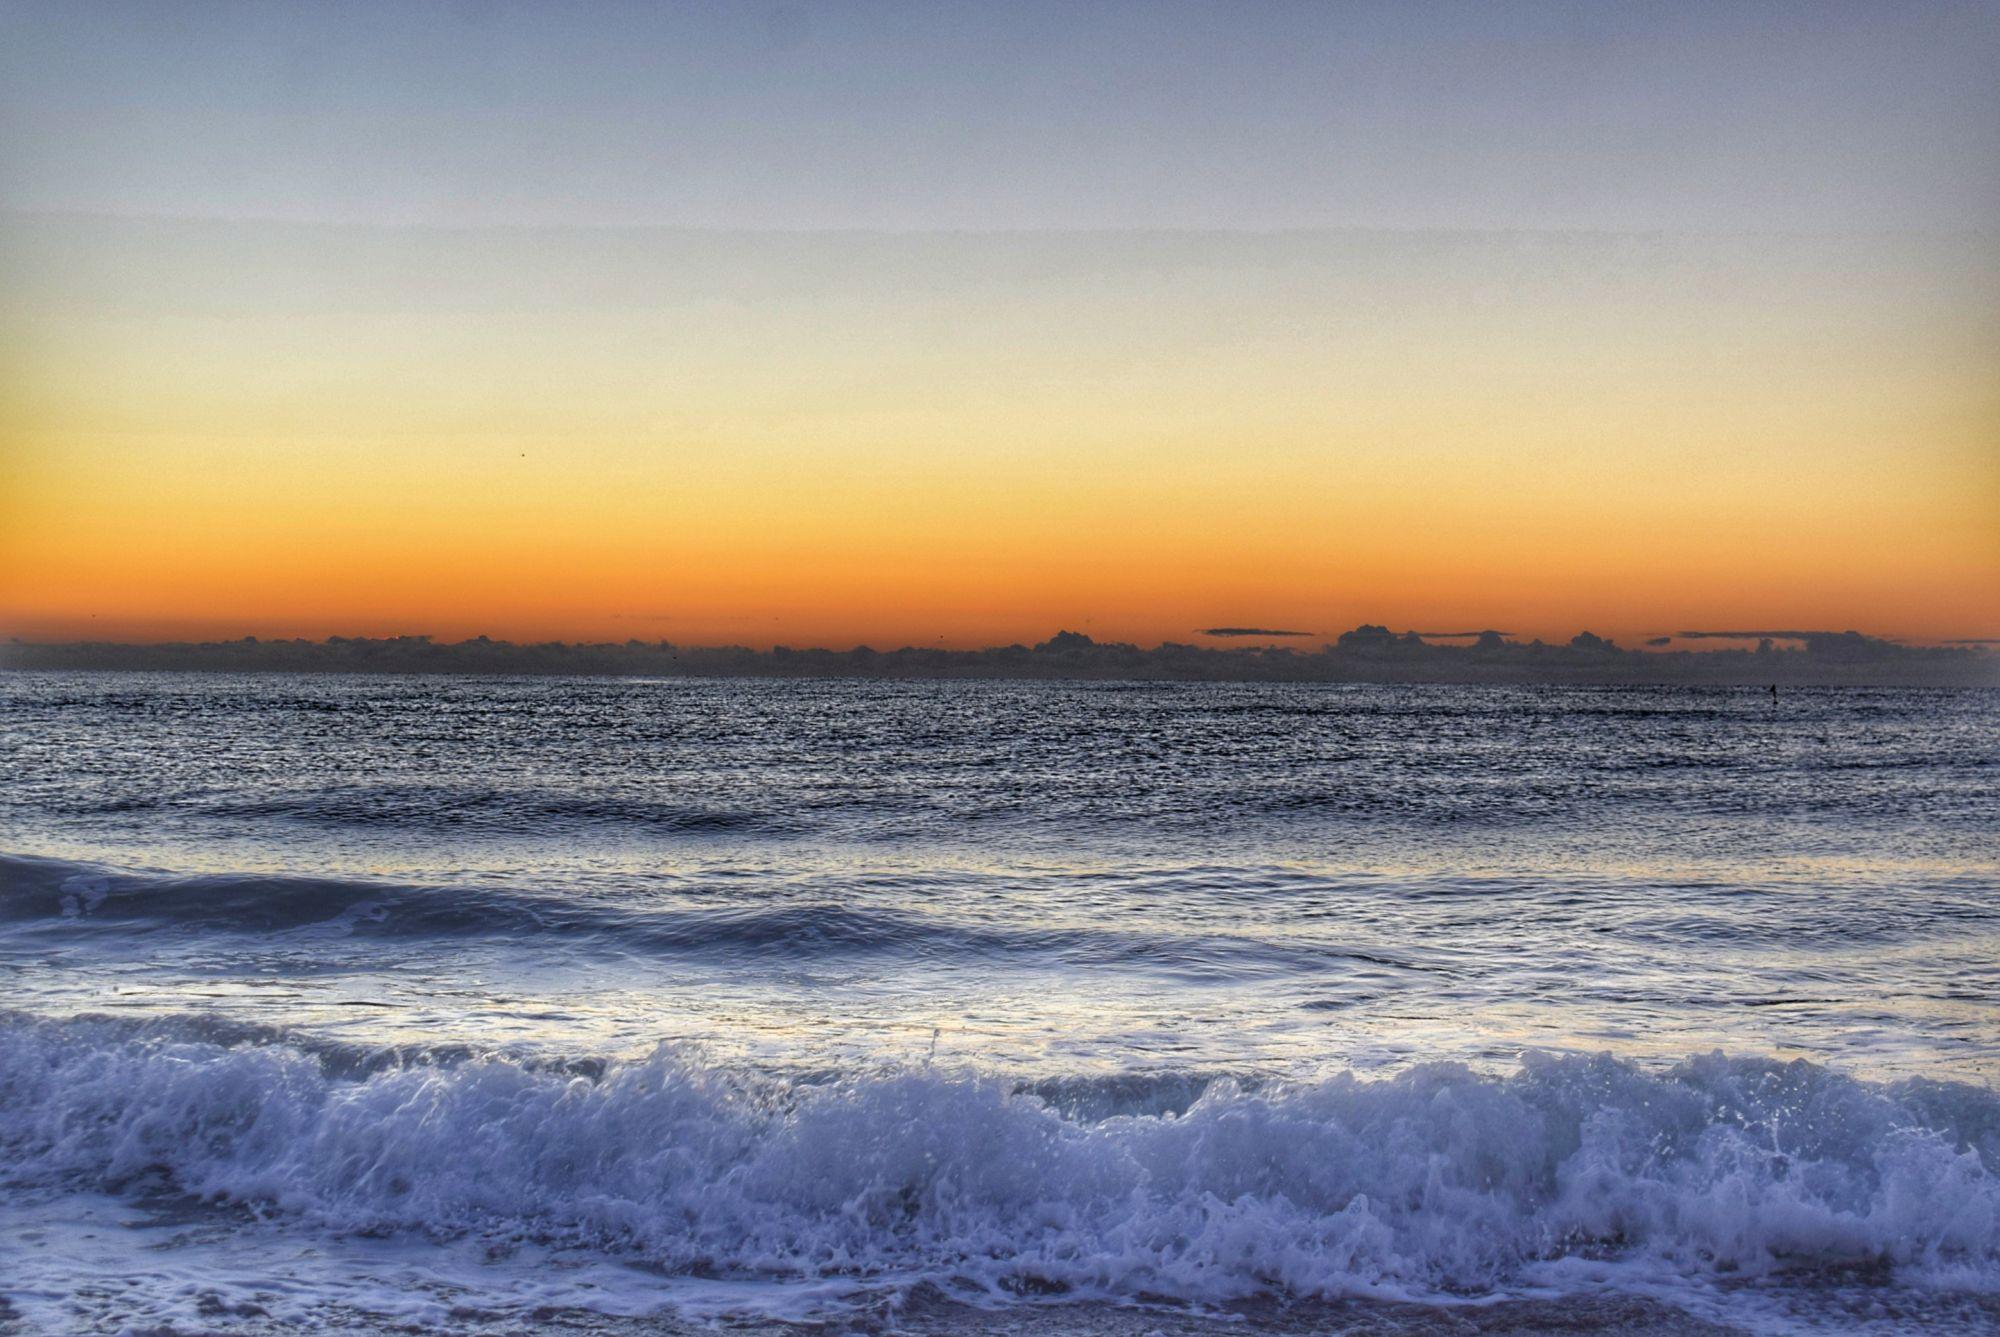 """Montemagni su inquinamento in mare: """"C'è il rischio che i turisti scelgano altri lidi"""""""